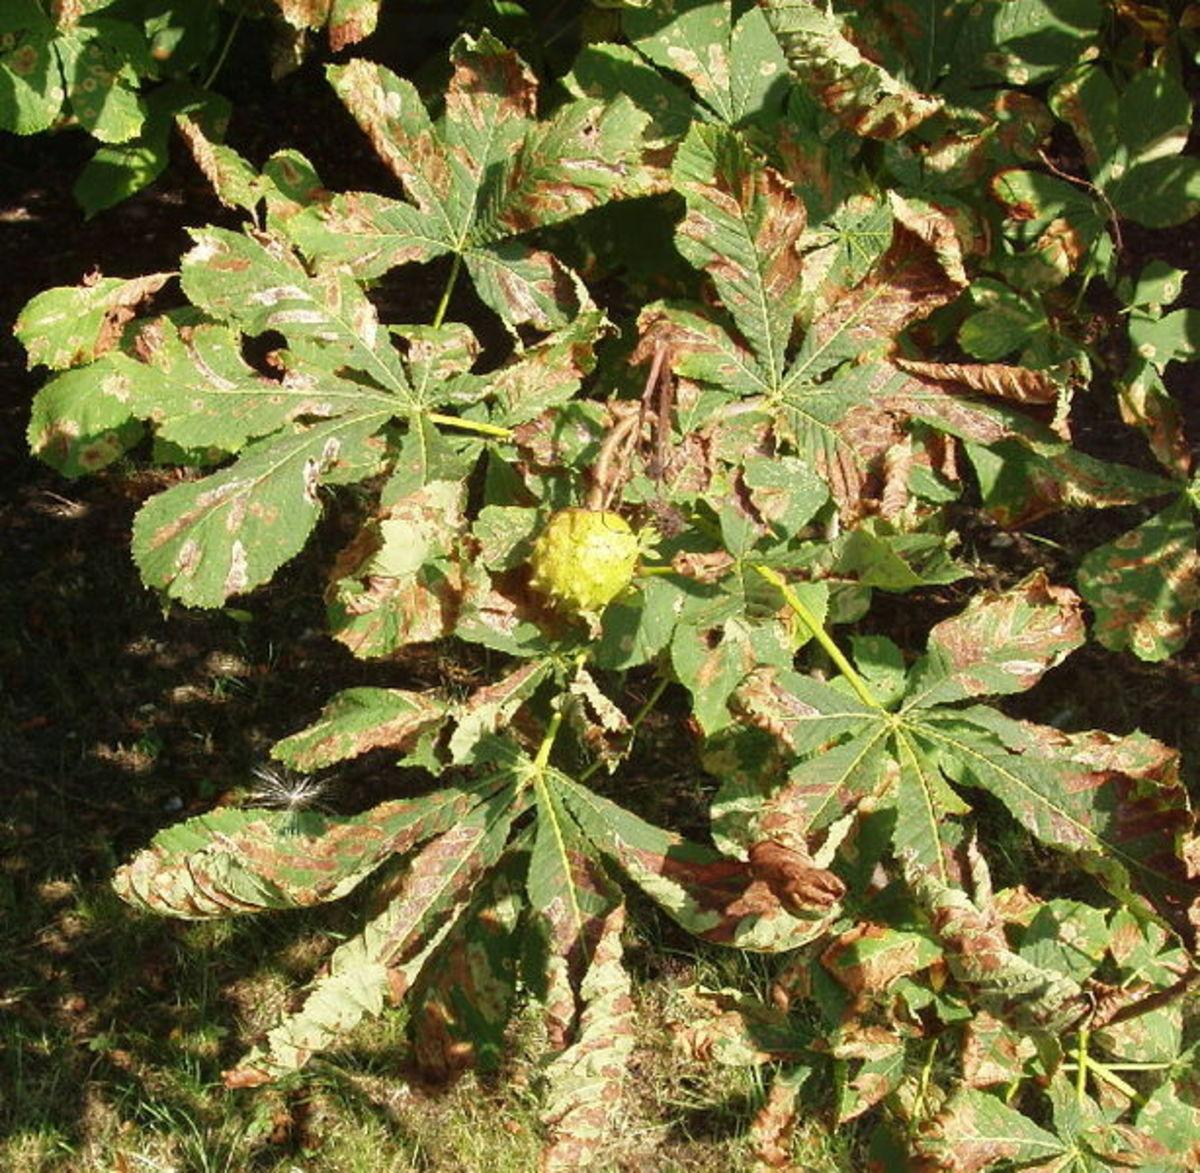 Horse Chestnut leaves with leaf miner damage